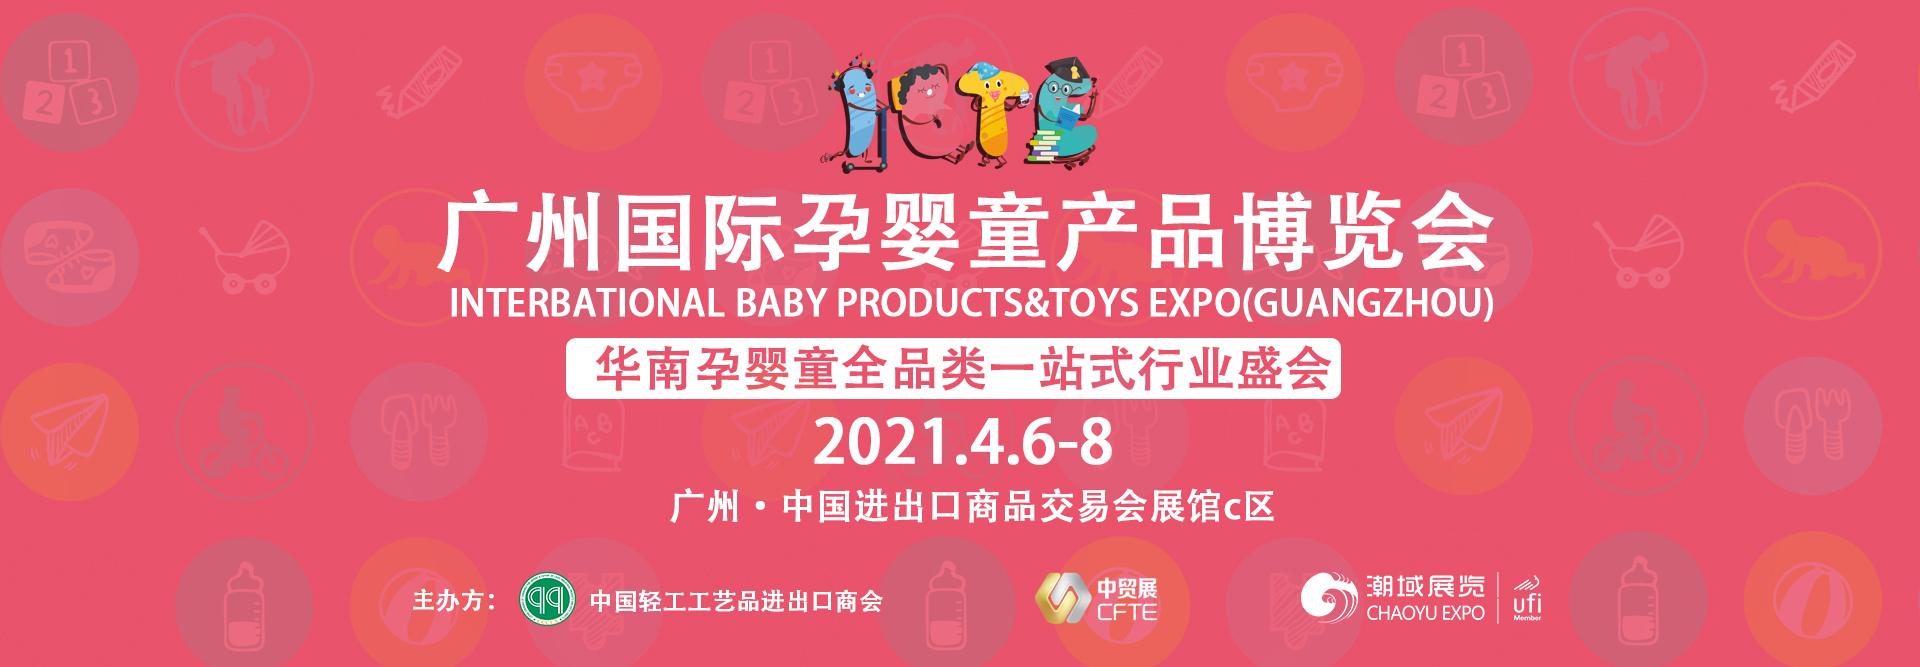 这个春天,携手玩具孕婴童企业迎接全...